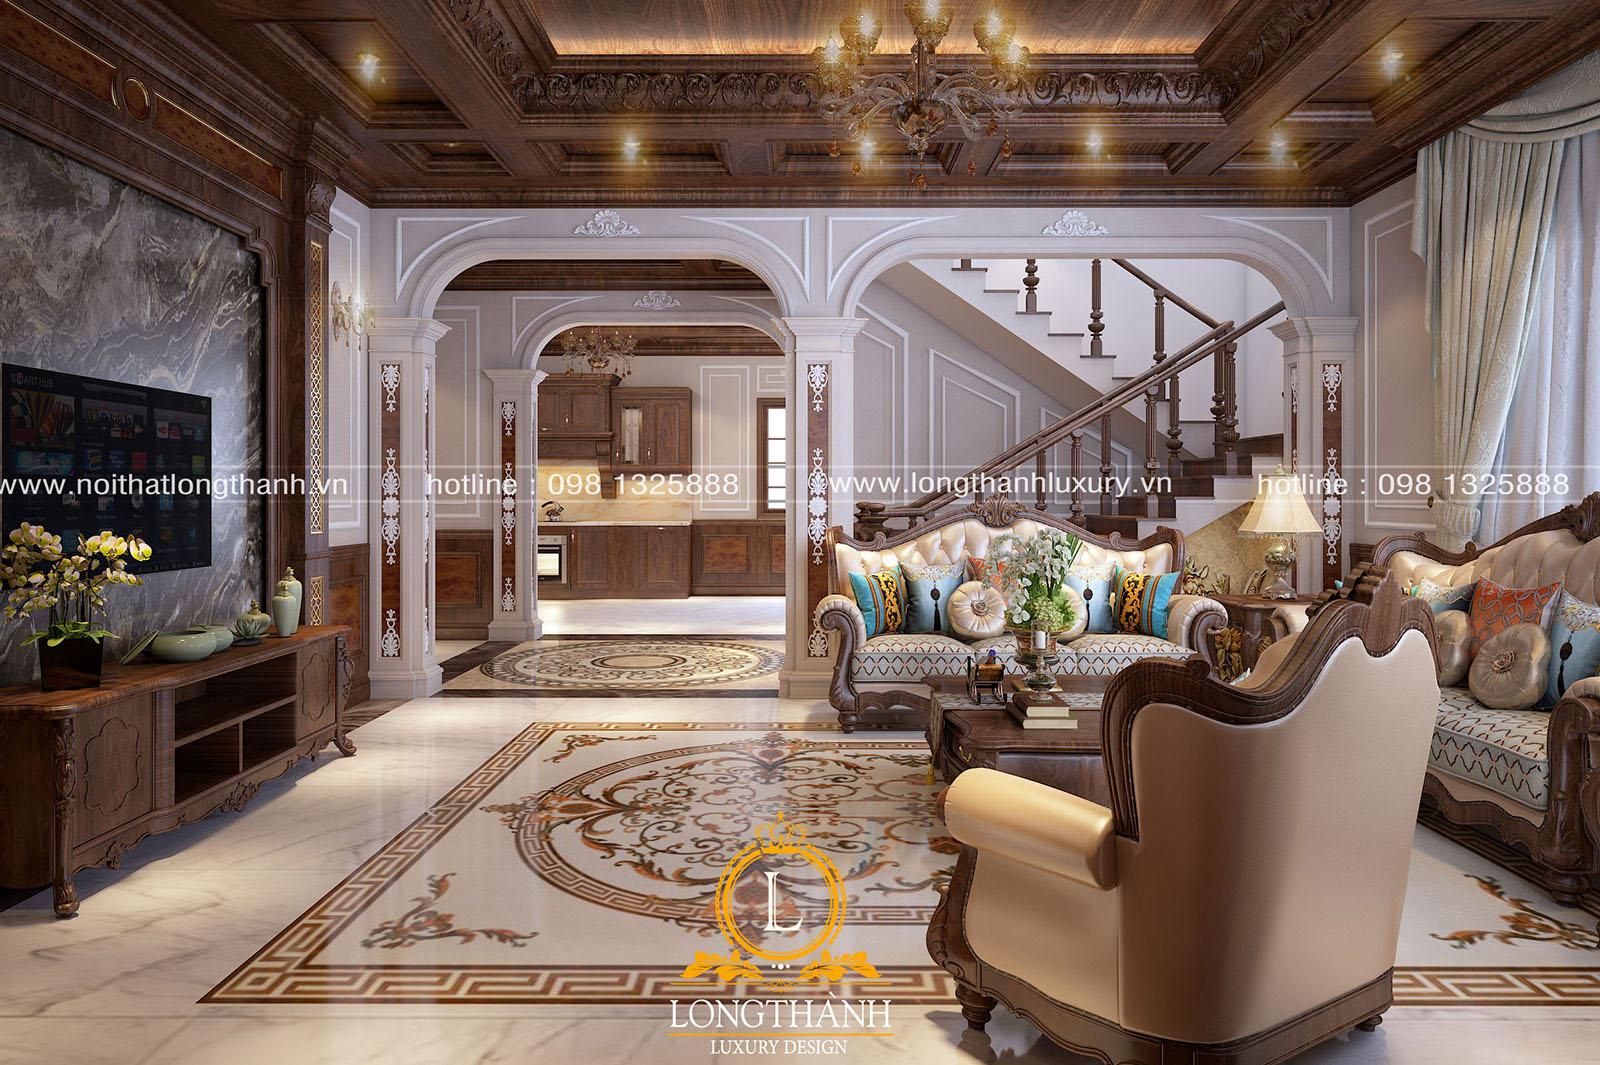 Mẫu phòng khách tân cổ điển đẹp LT32 góc nhìn thứ 3